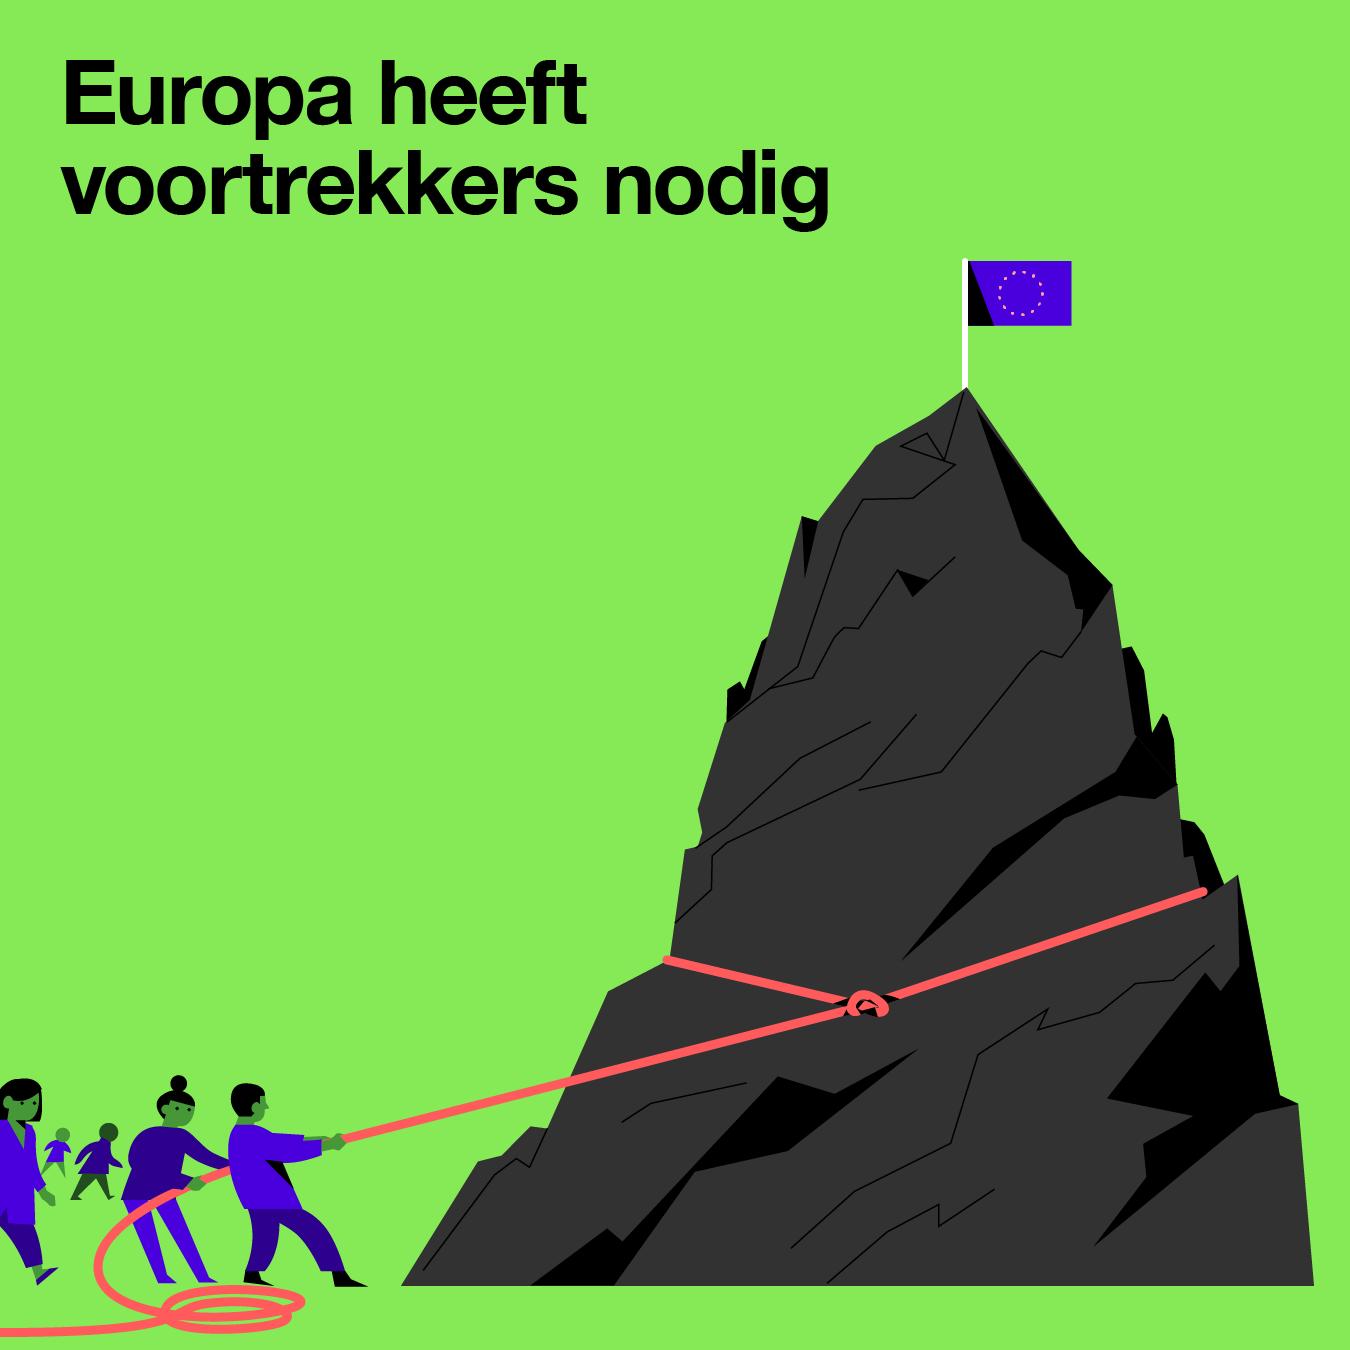 Europa heeft voortrekkers nodig